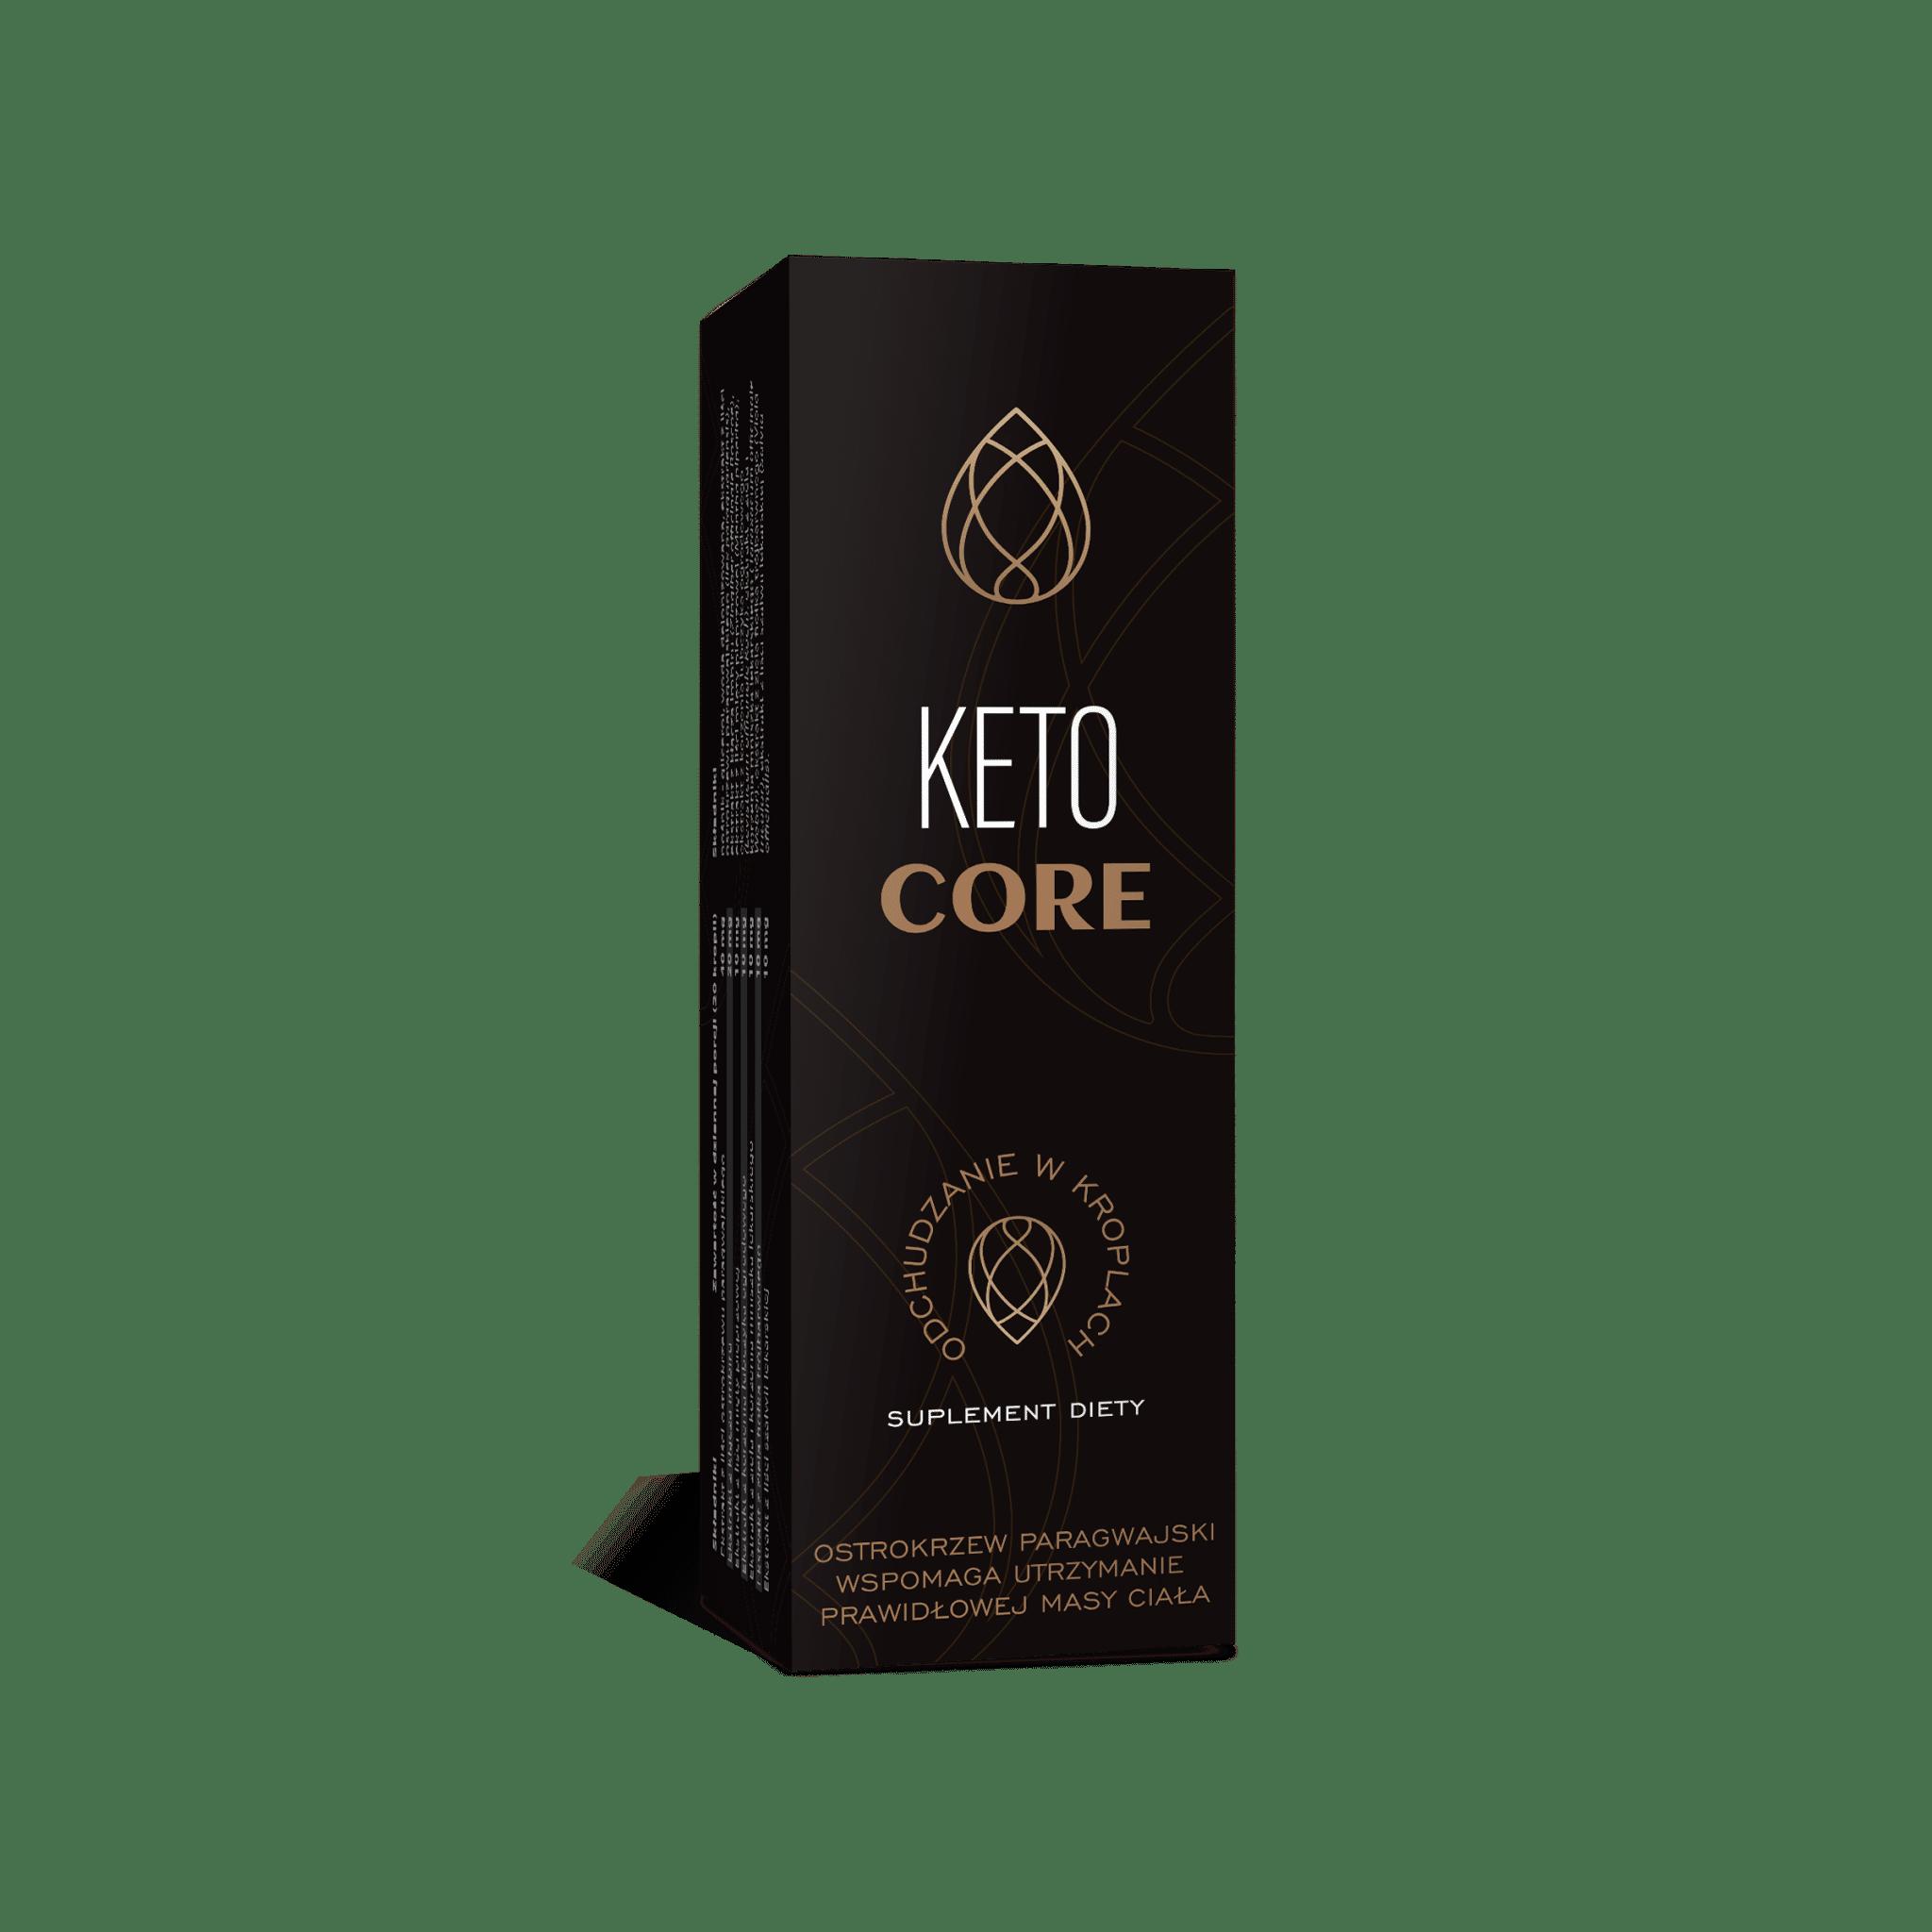 Keto Core what is it?